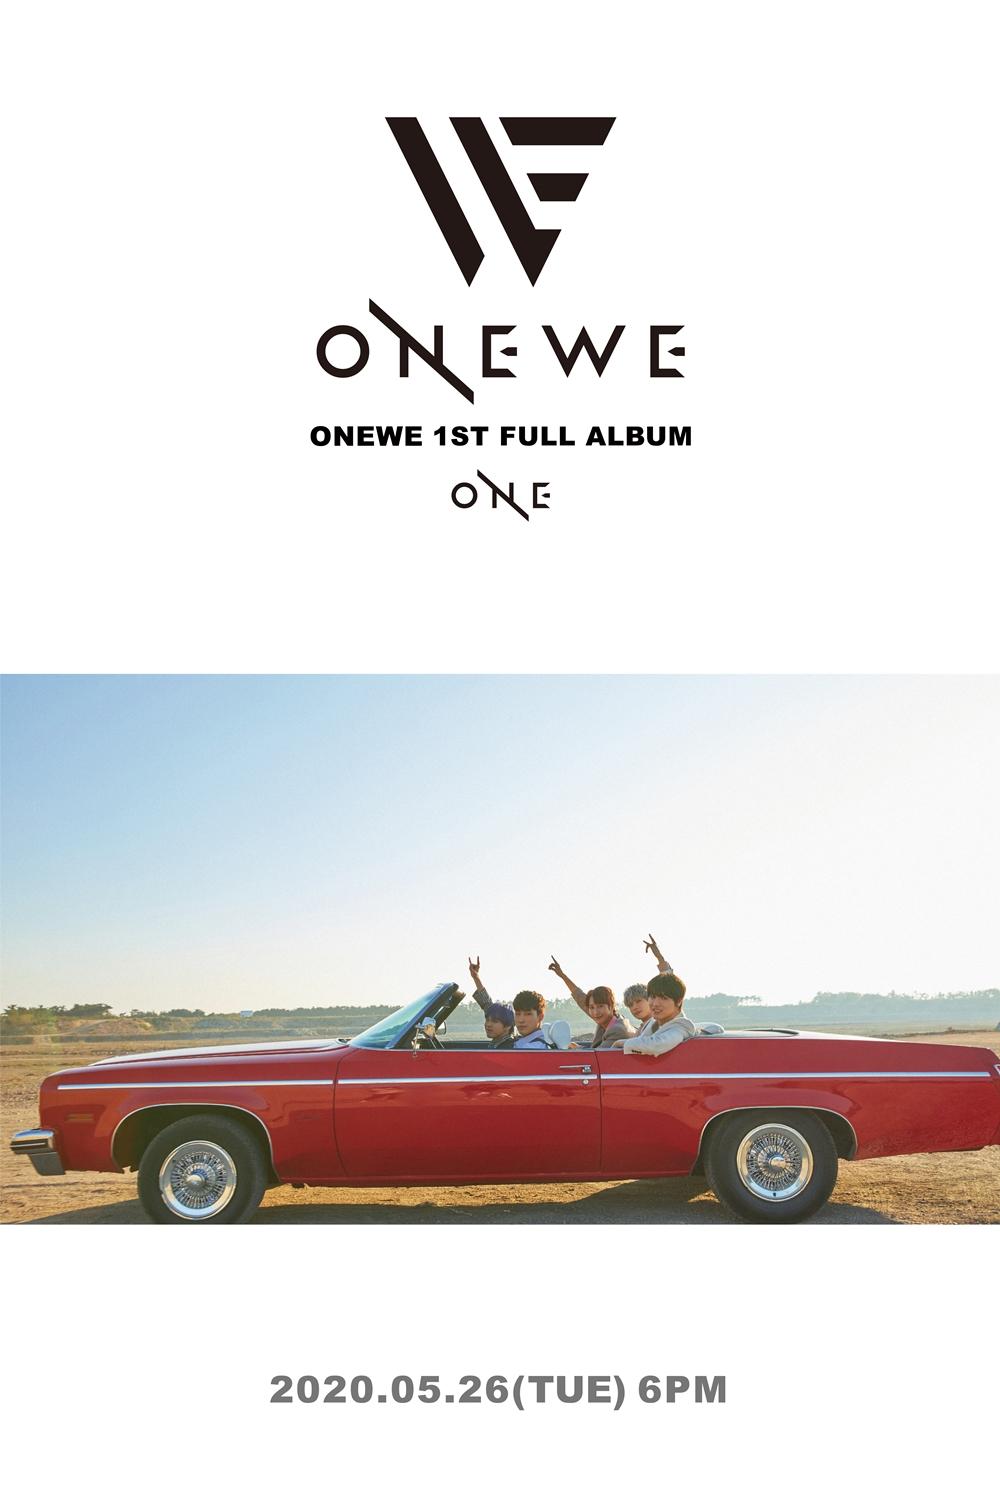 보이밴드 원위(ONEWE), 26일 첫 정규앨범 'ONE' 발표!! 본격 활동 시작… ...